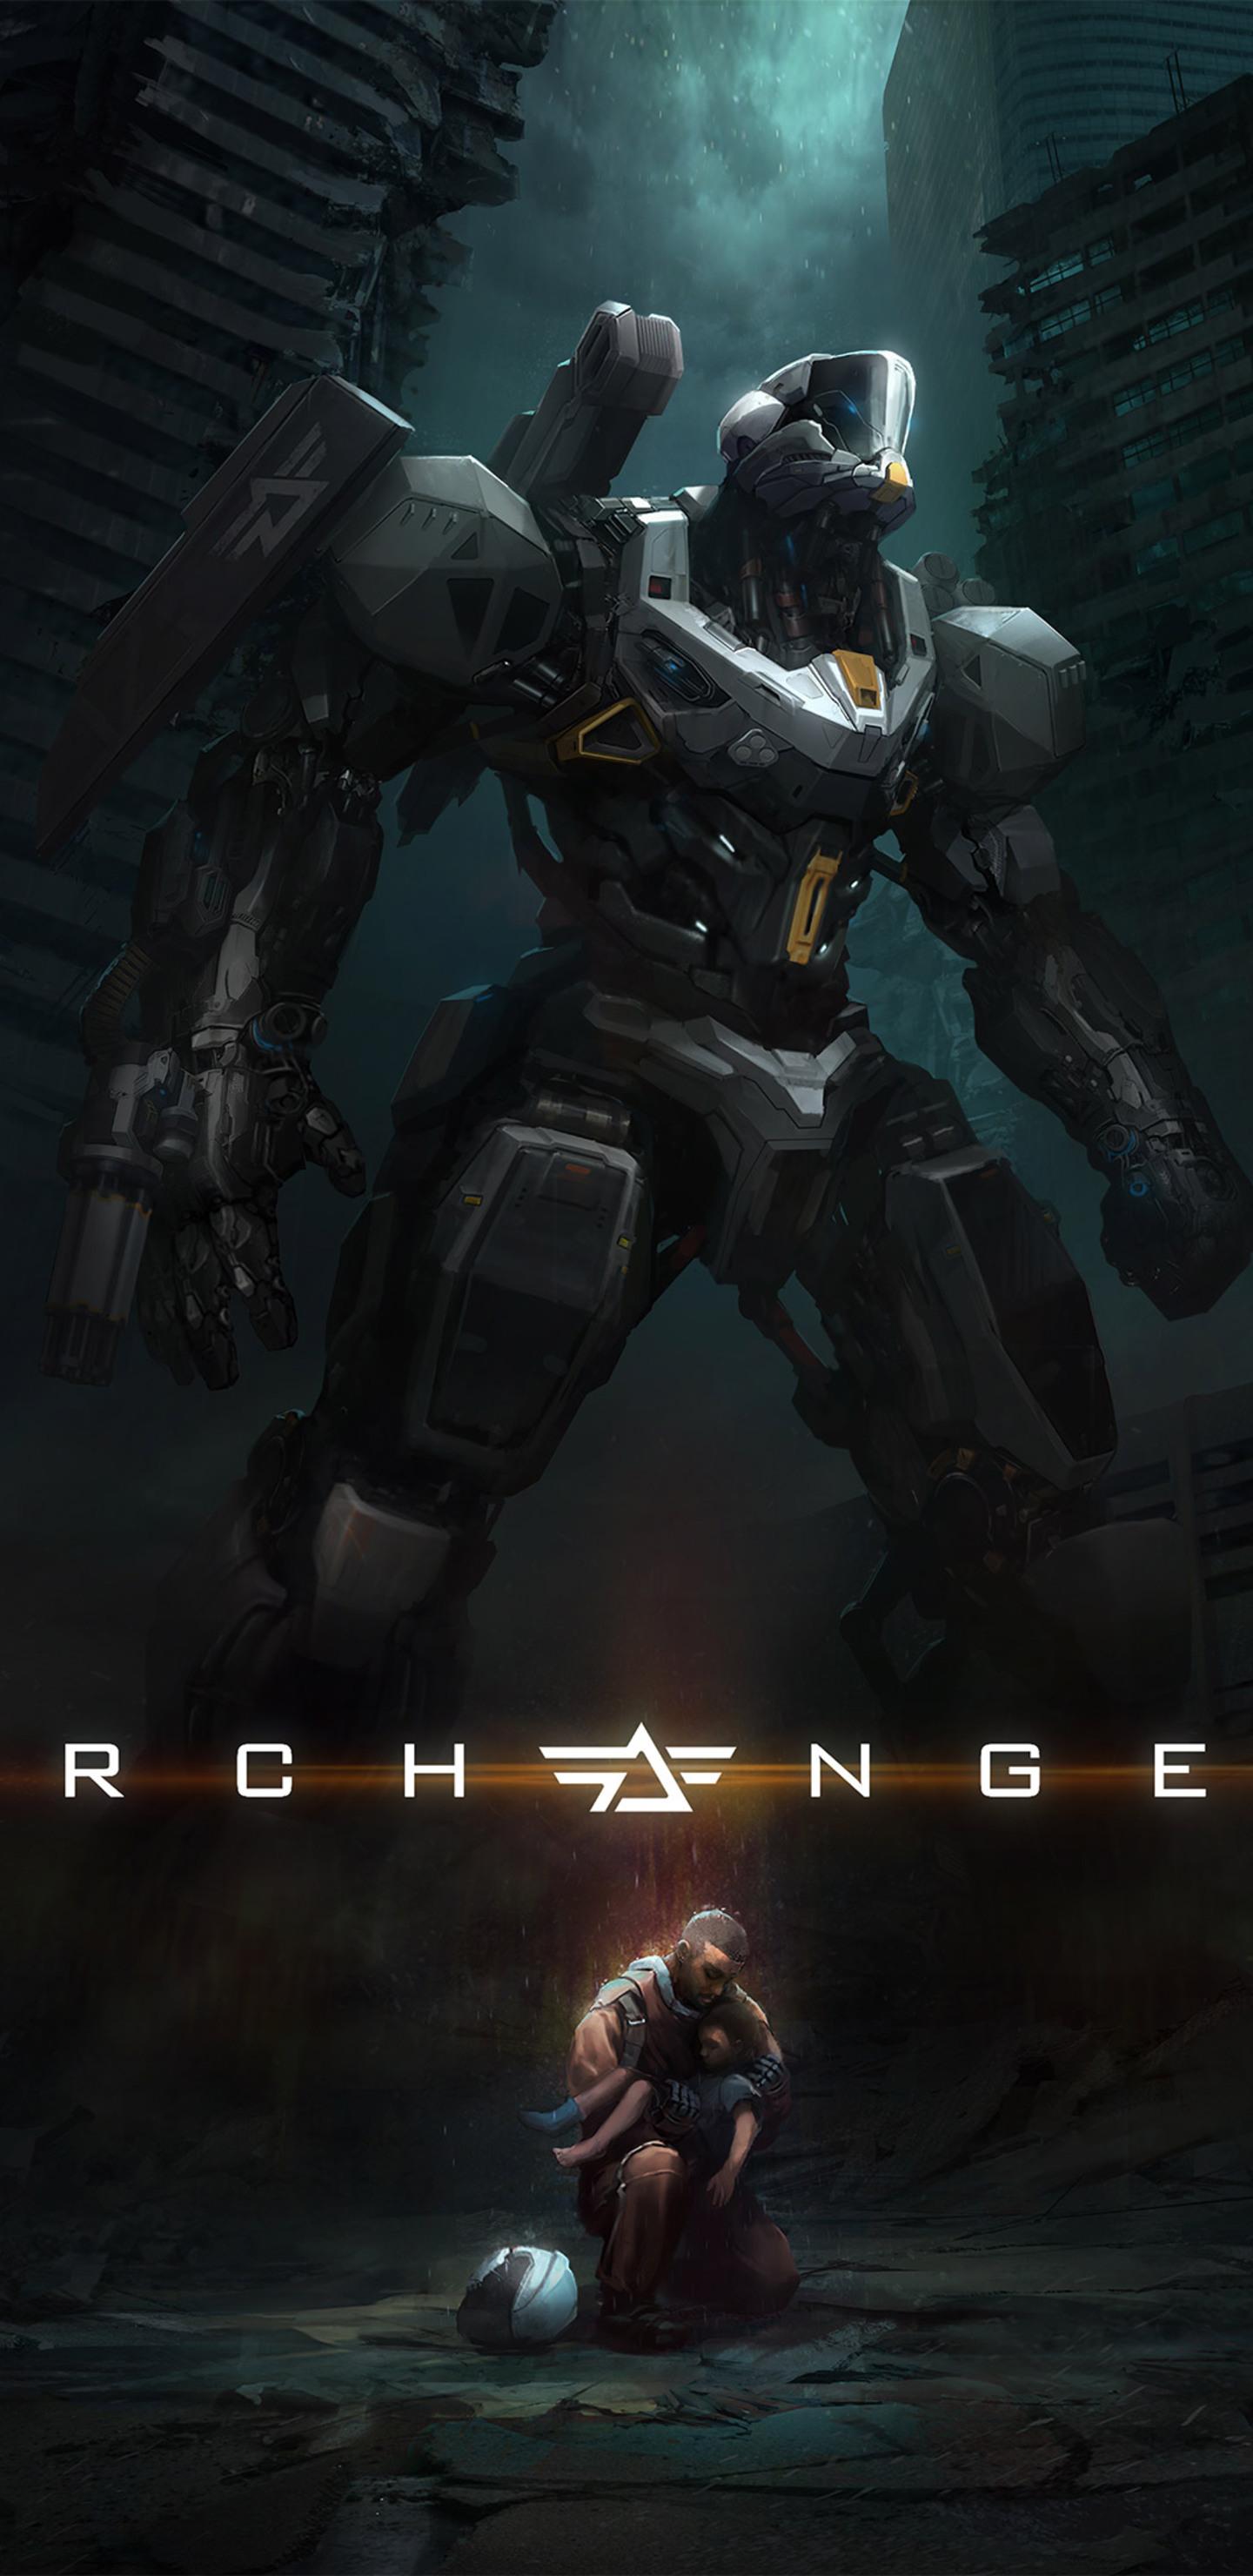 Archangel For Playstation Vr 4k 8k Q4